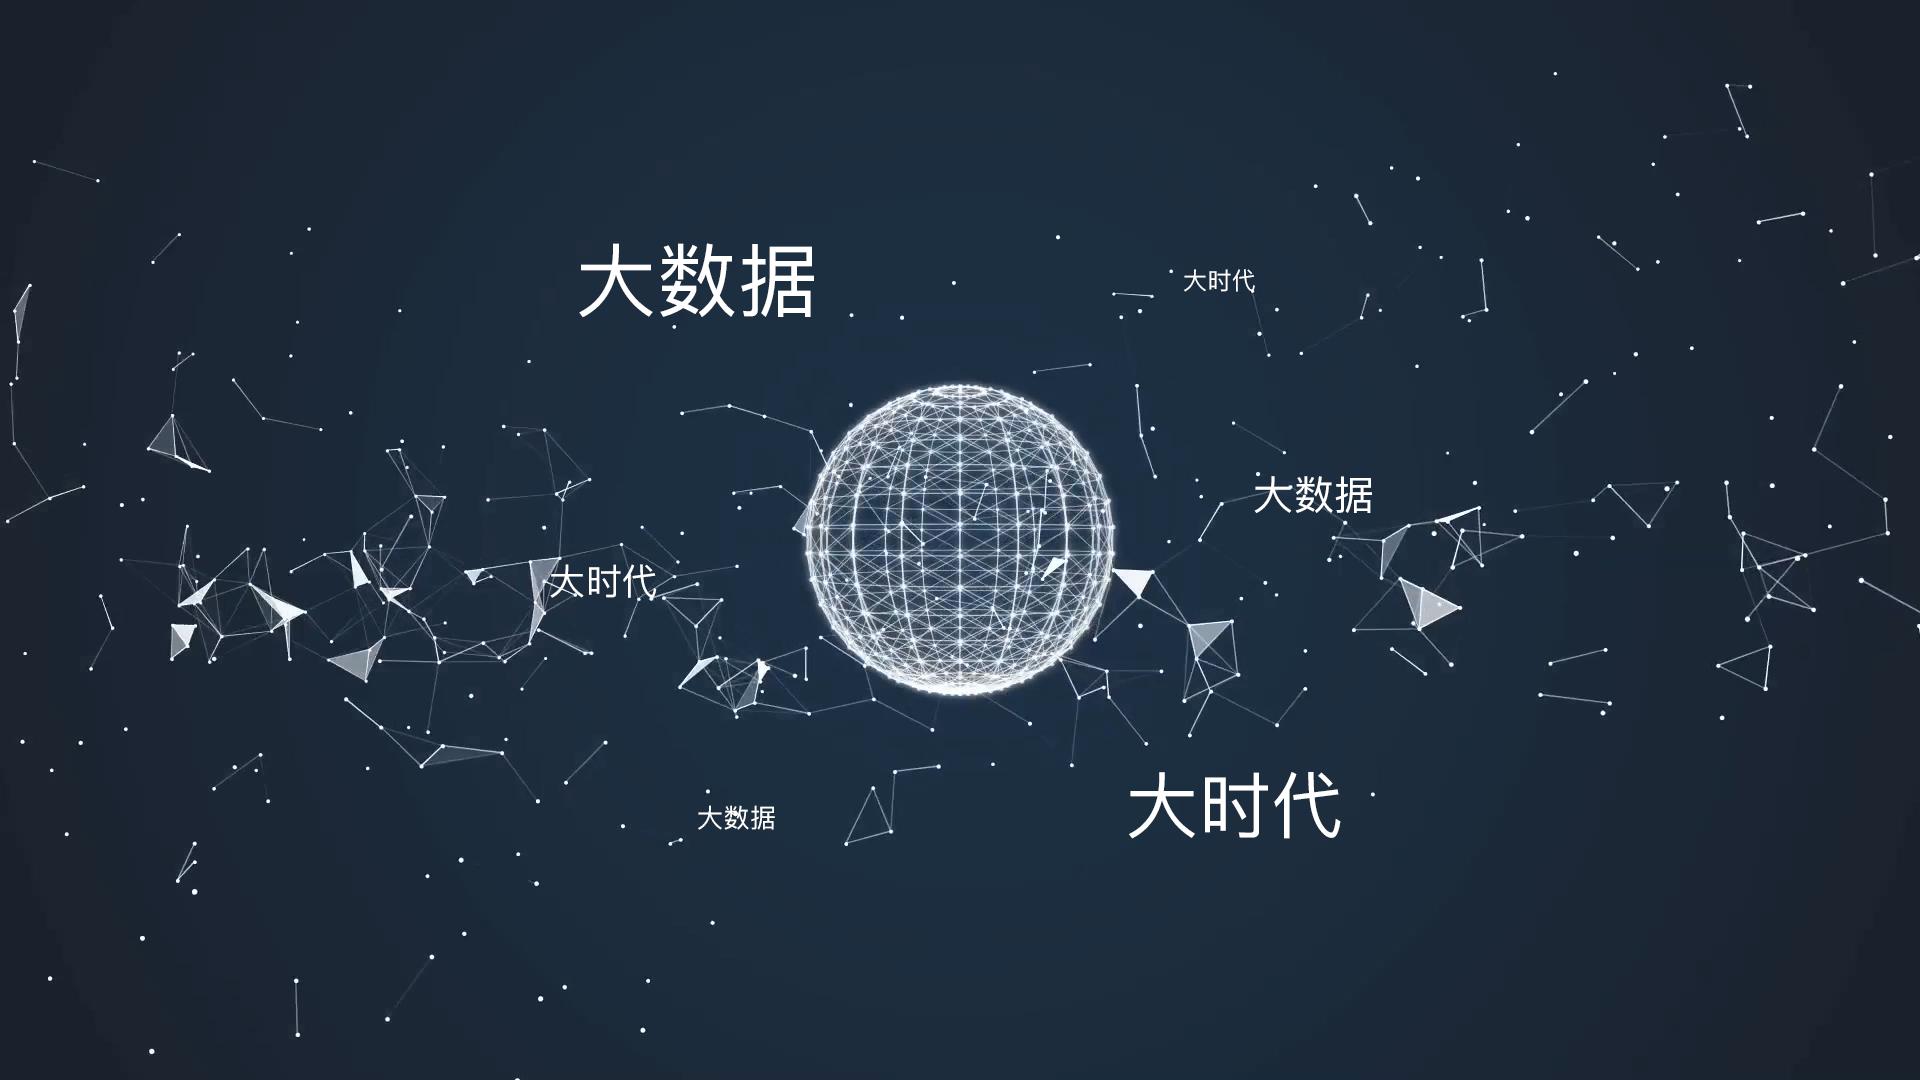 """中智游全域智慧文旅方案获评为""""2021年智慧旅游优秀解决方案"""""""